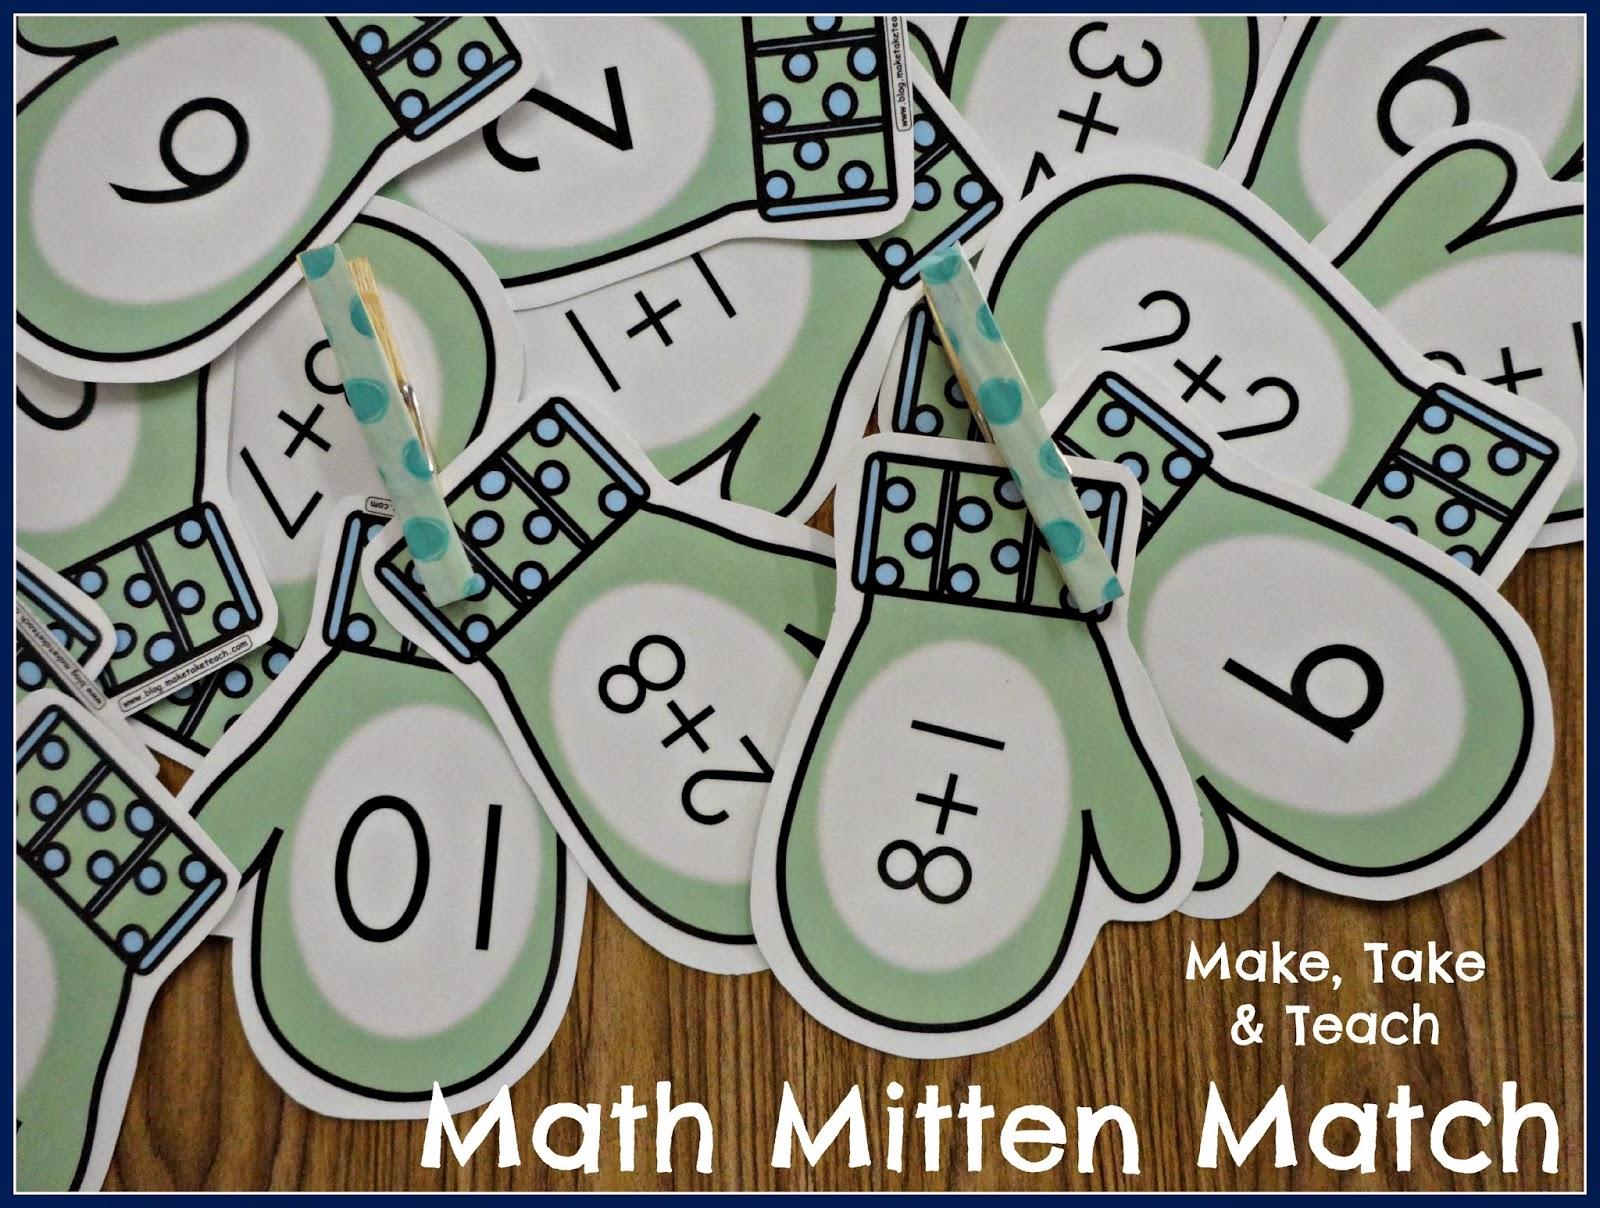 http://3.bp.blogspot.com/-l2jE41fW4mc/UqZYNic17WI/AAAAAAAACg0/FXkG0eCRCMI/s1600/Mitten+Match+Math.jpg